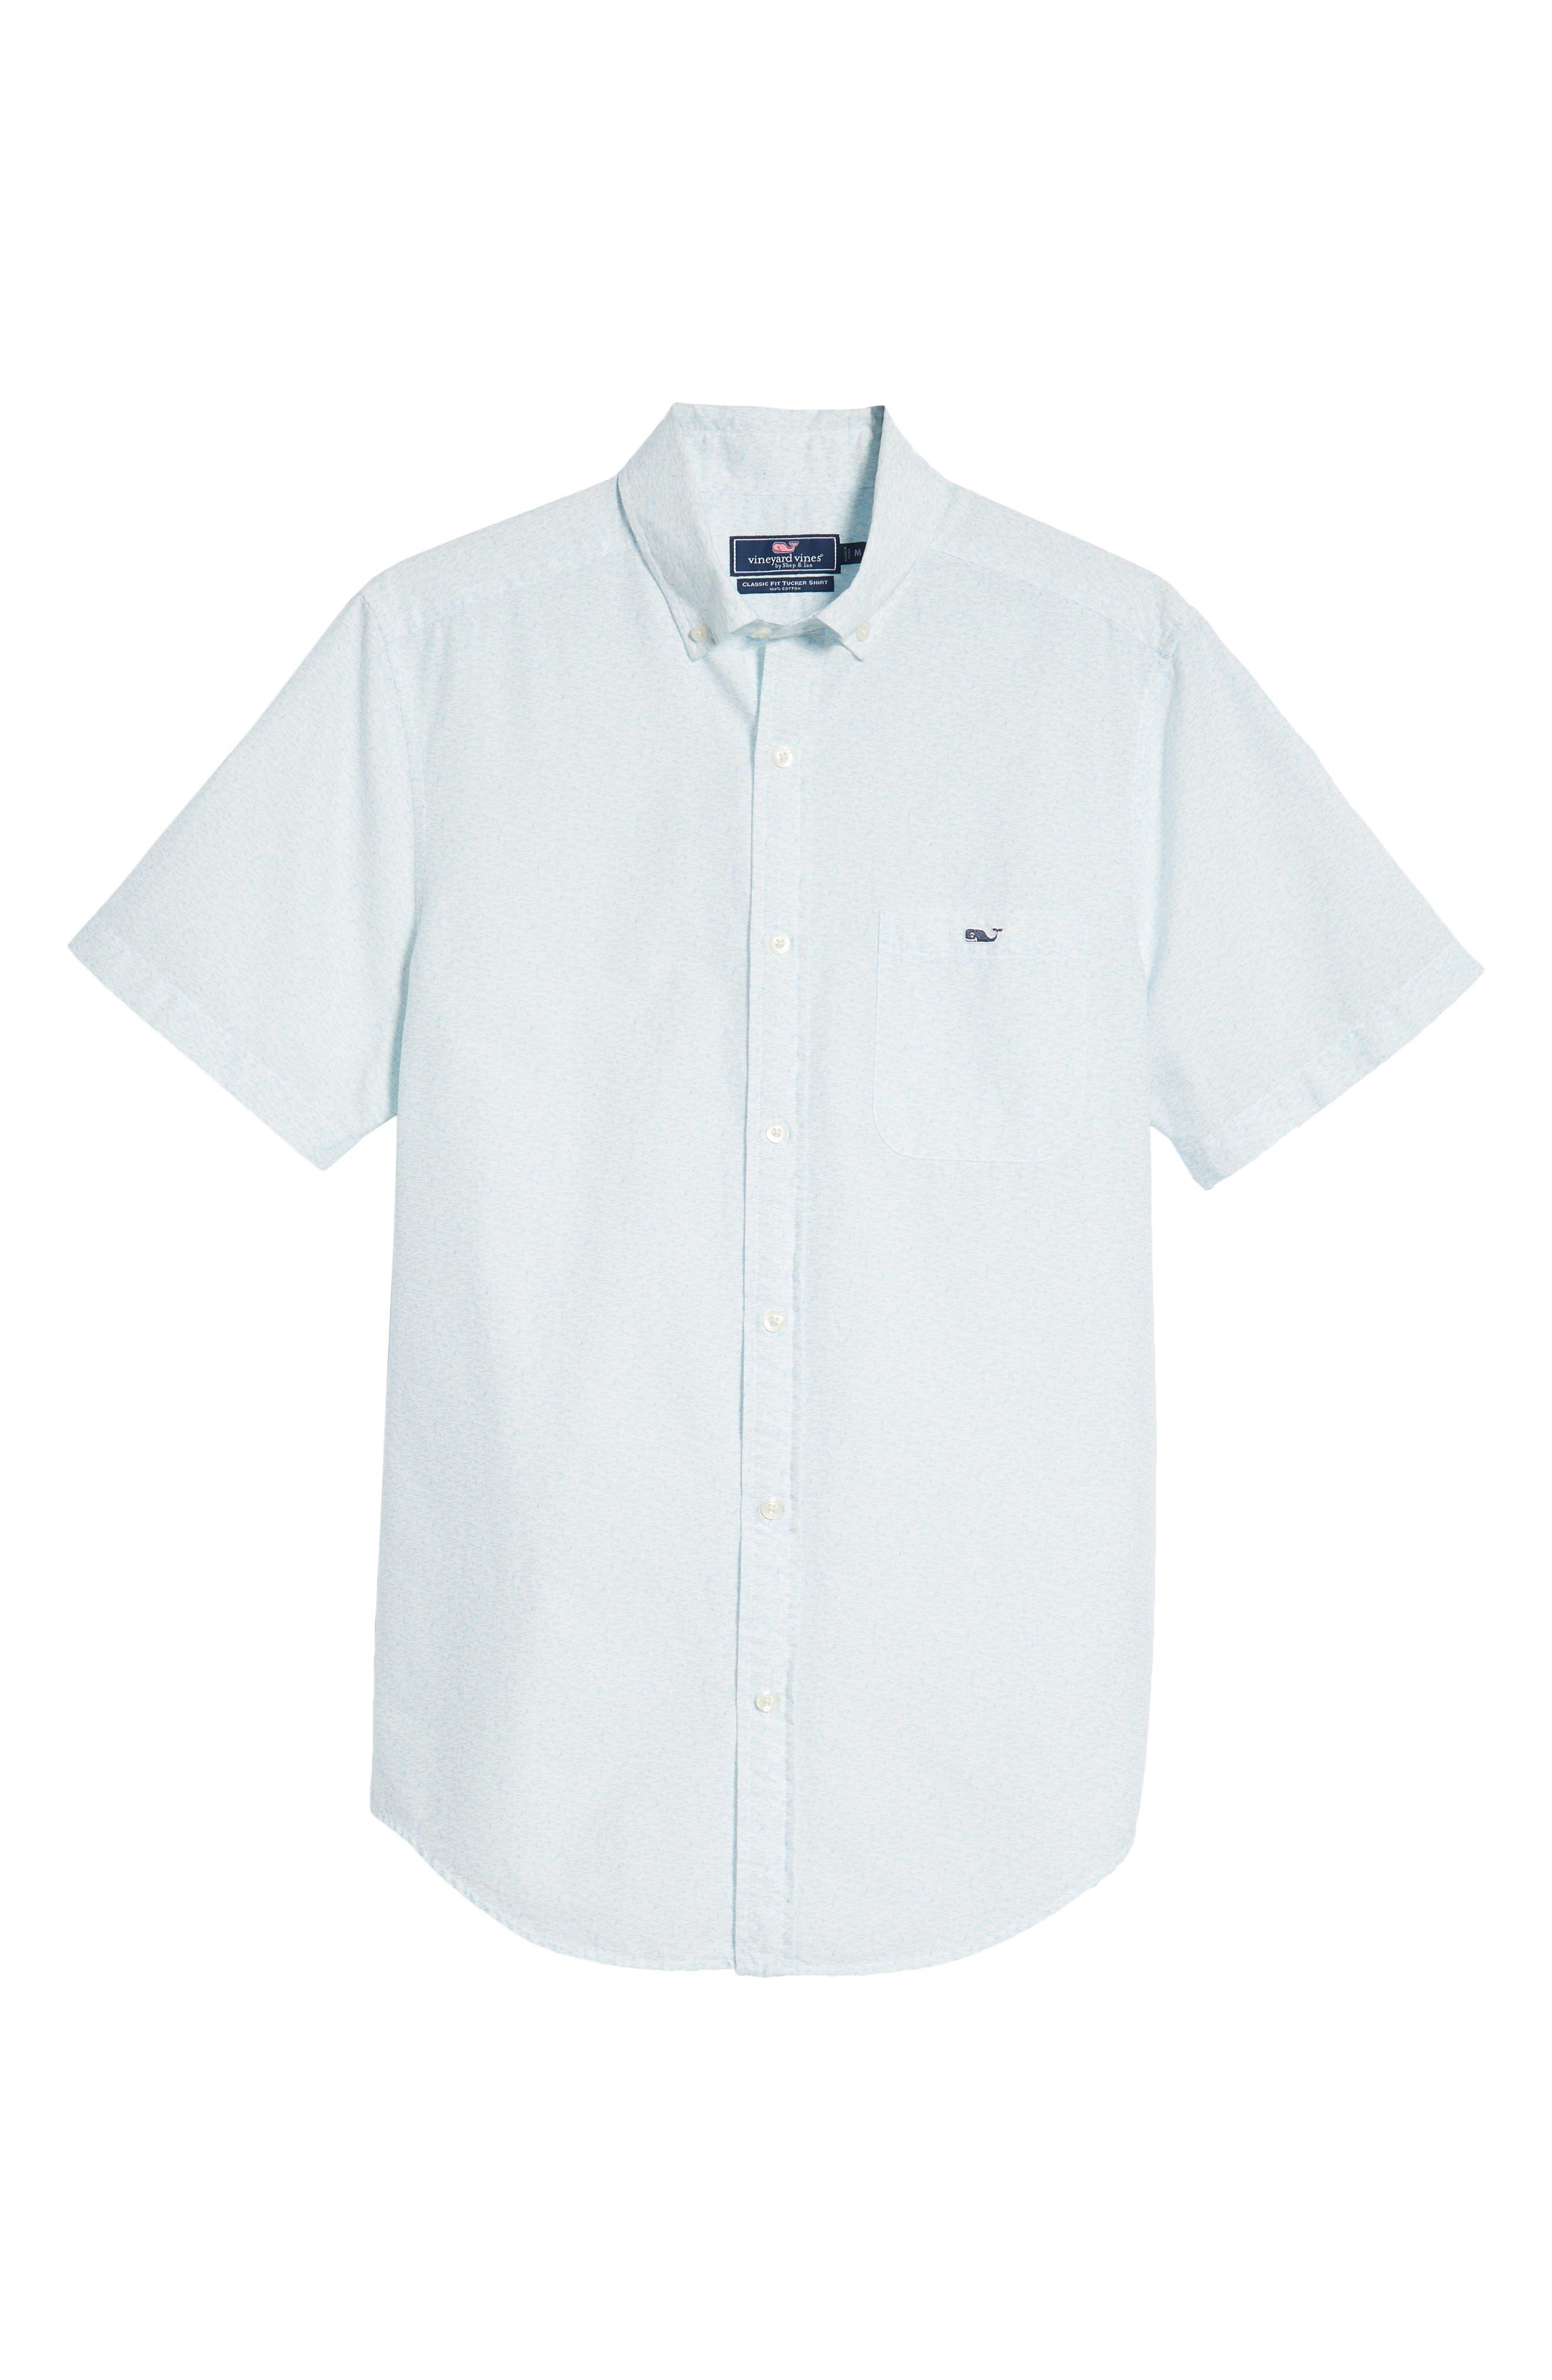 Cape Codder Slim Tucker Sport Shirt,                             Alternate thumbnail 6, color,                             100